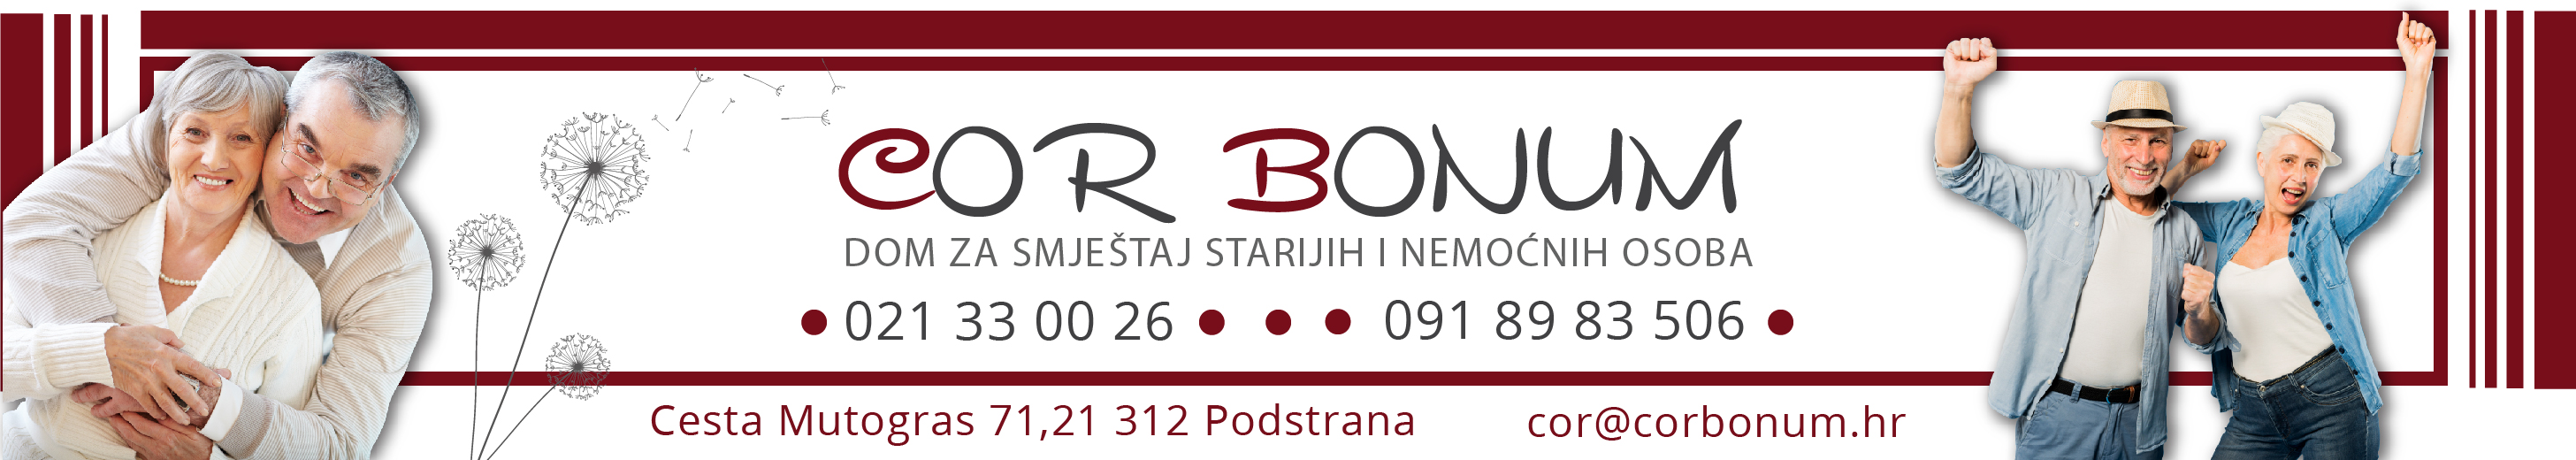 COR-BONUM